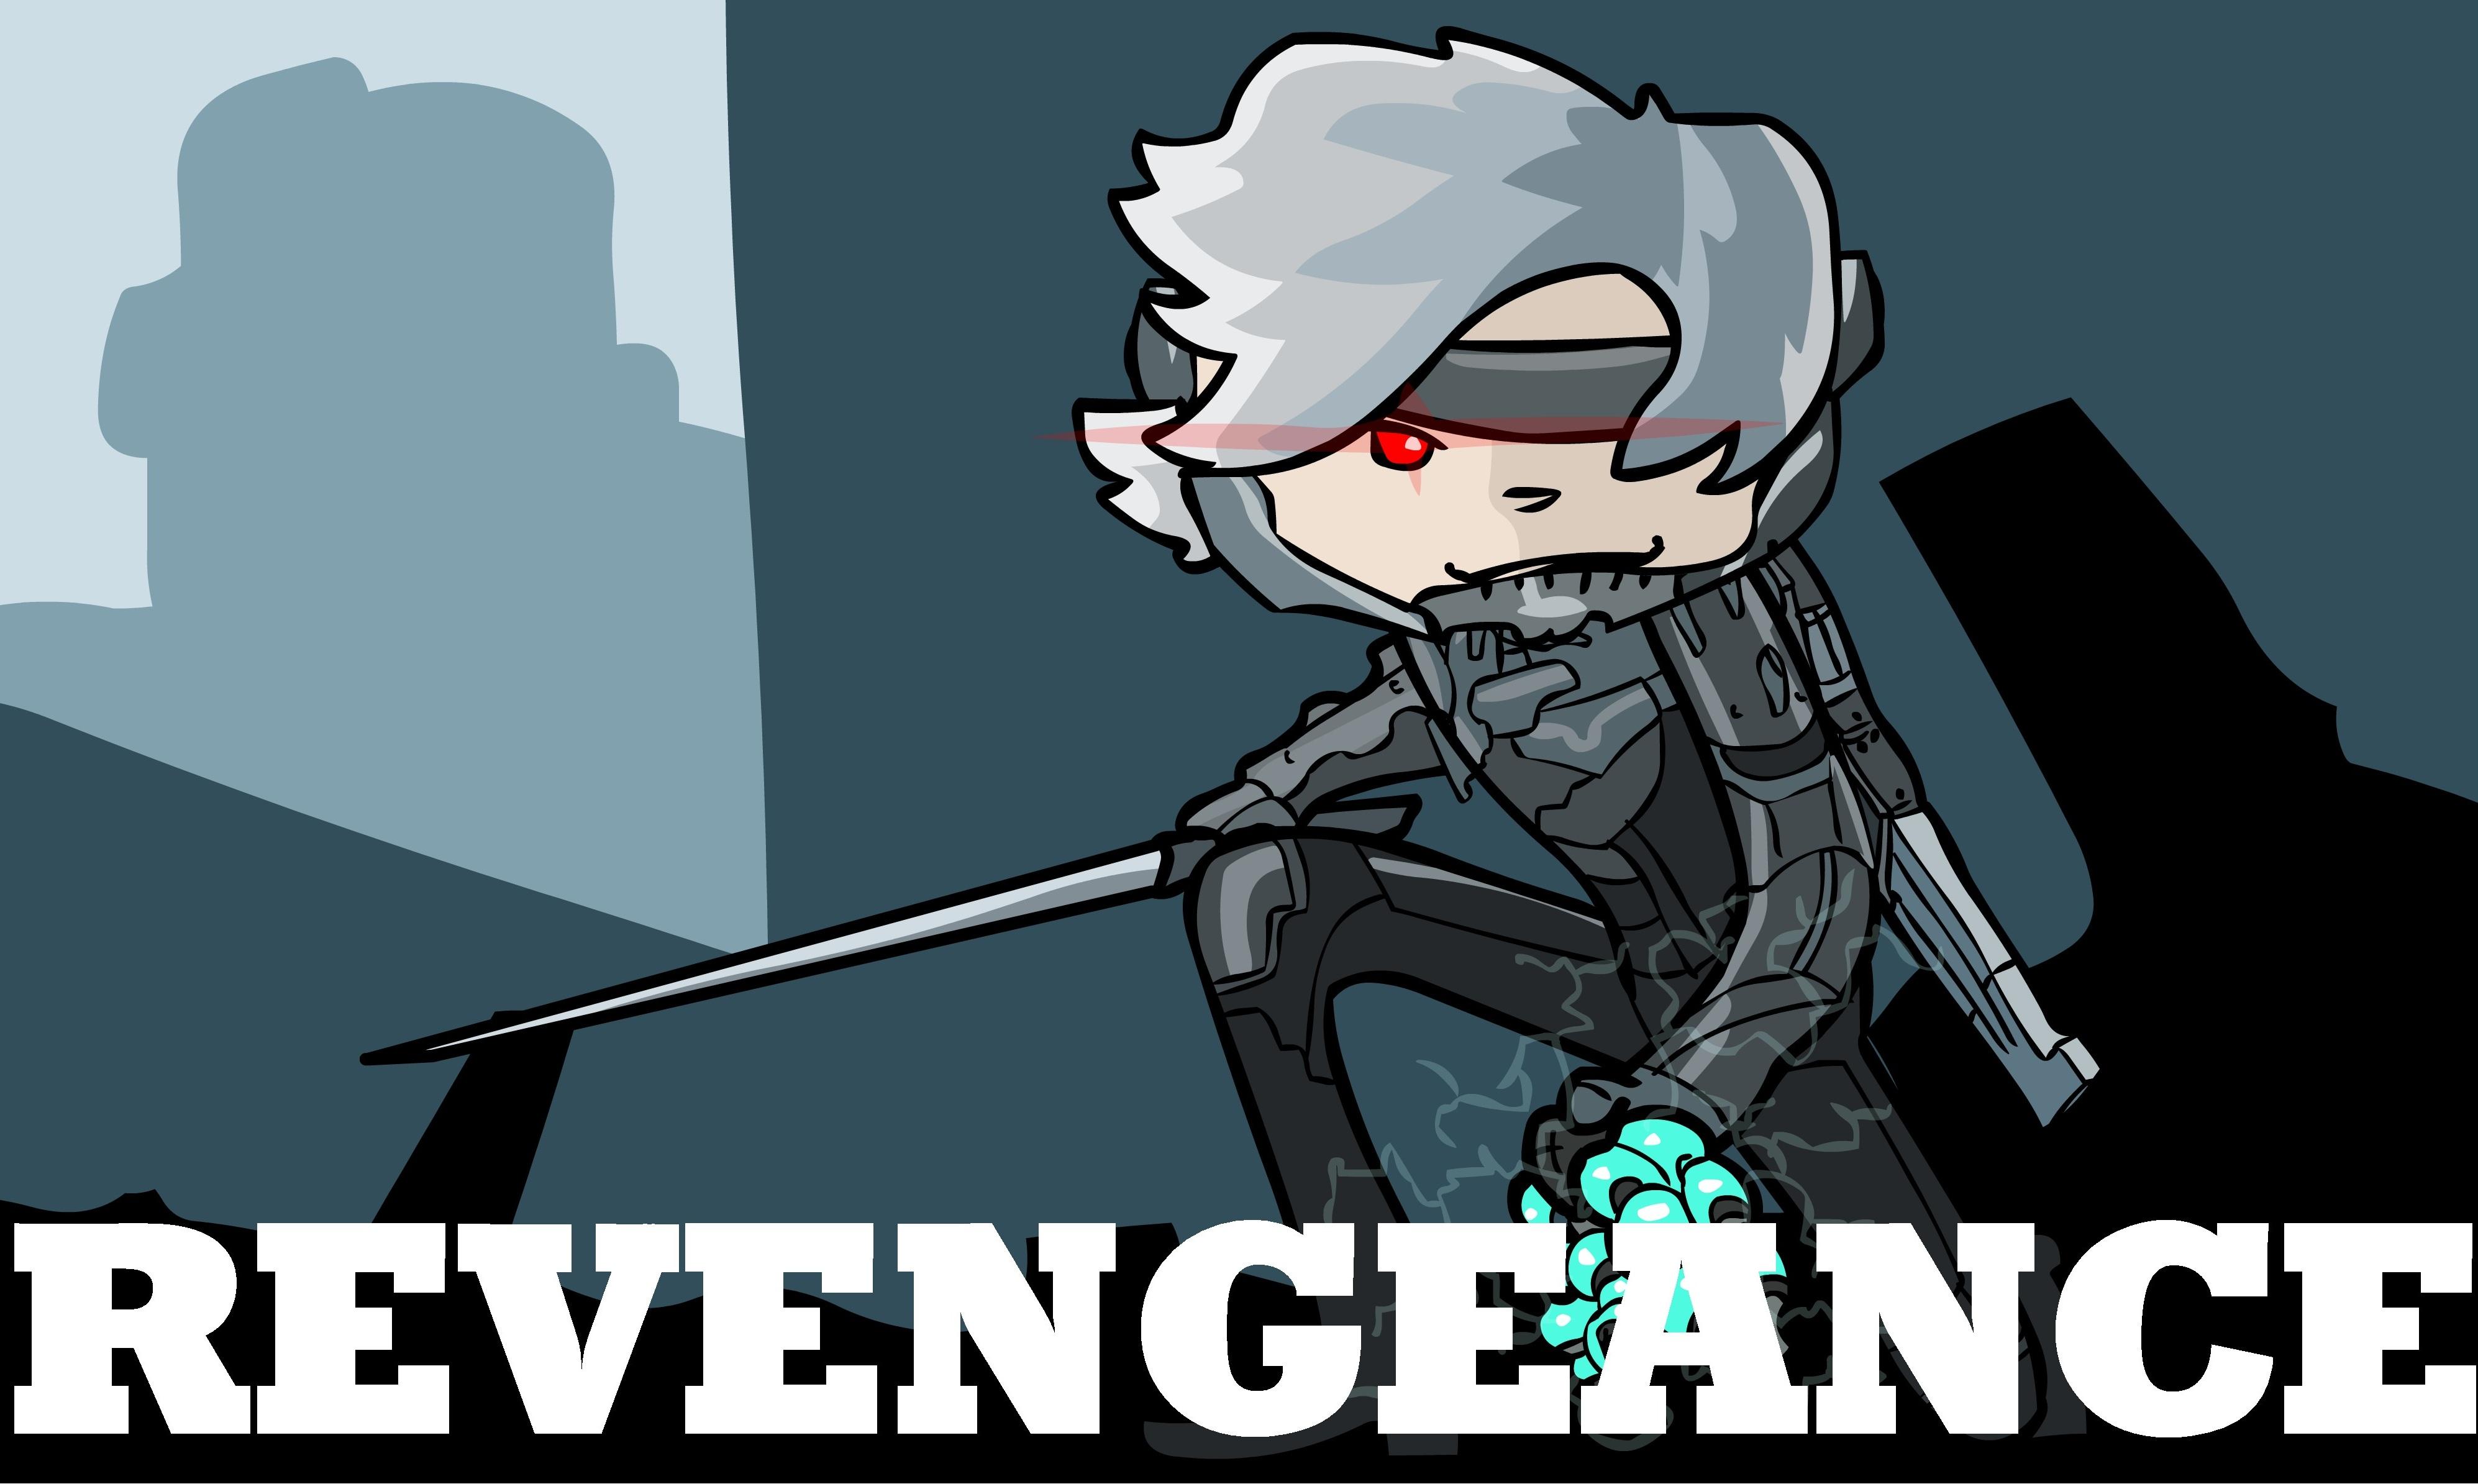 Metal Gear Solid Revengeance